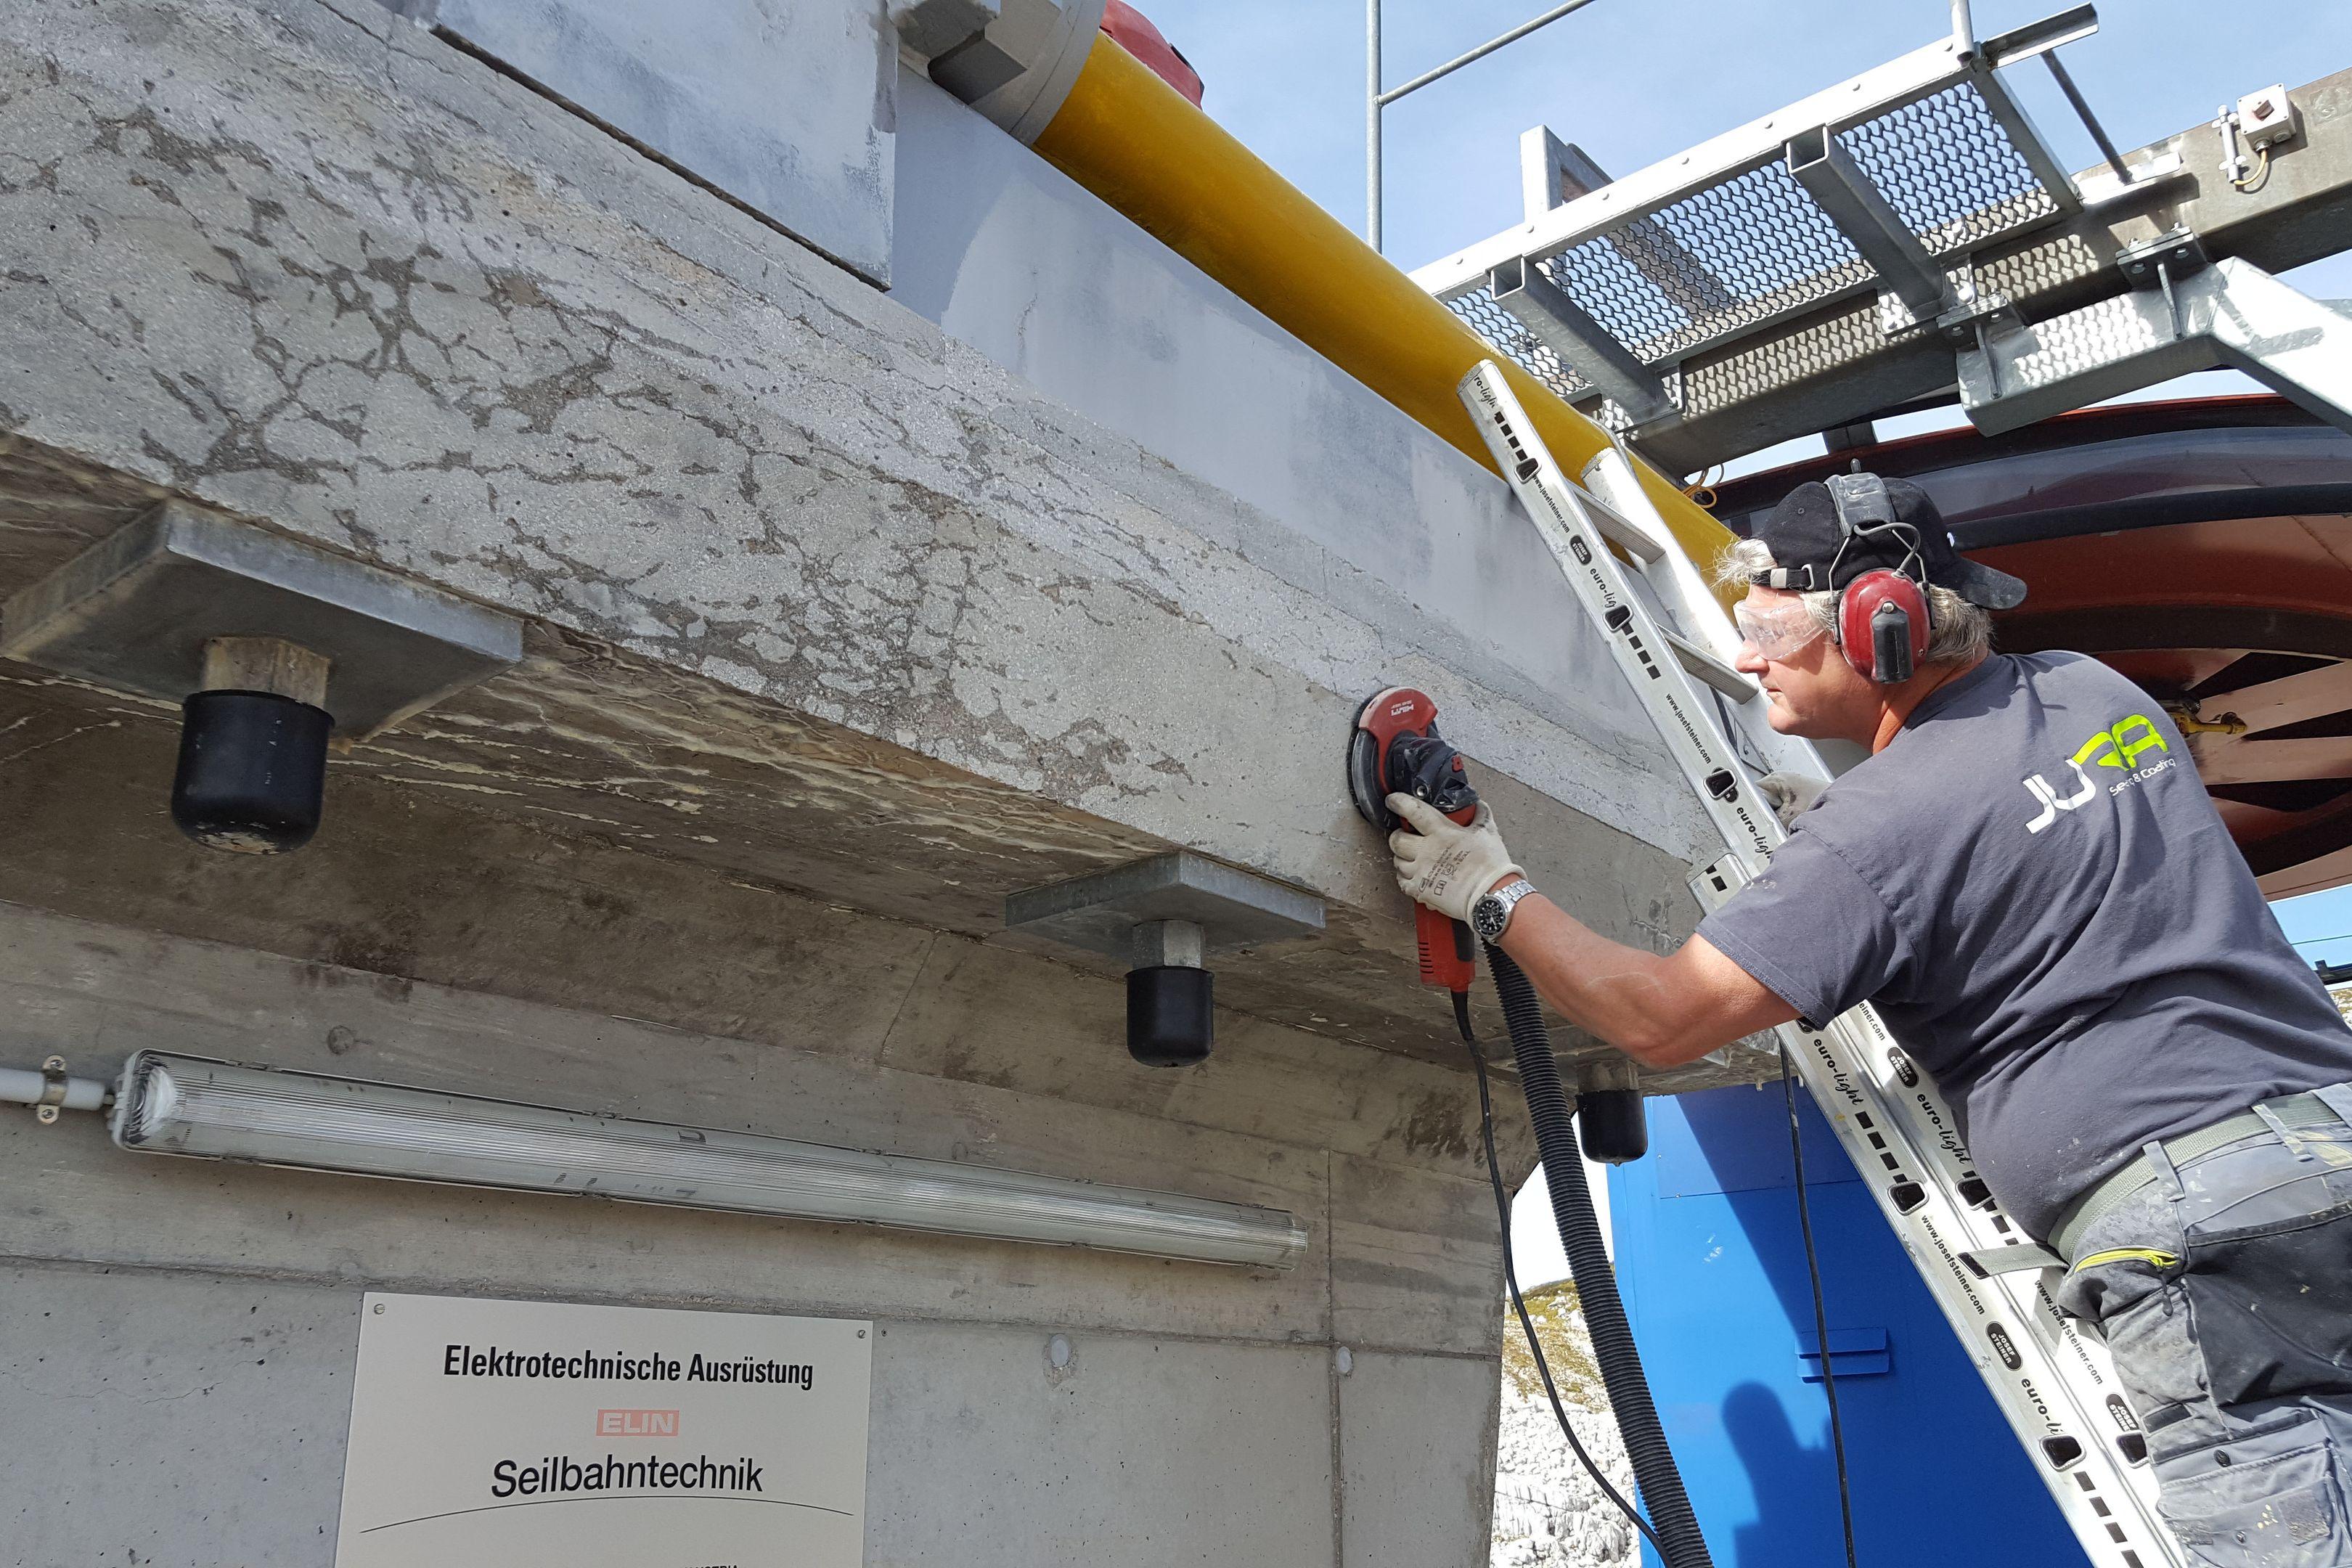 Nach Instandsetzung der Frostschäden und Abplatzungen erfolgte die professionelle Oberflächenvorbereitung für die nachfolgende Beschichtung